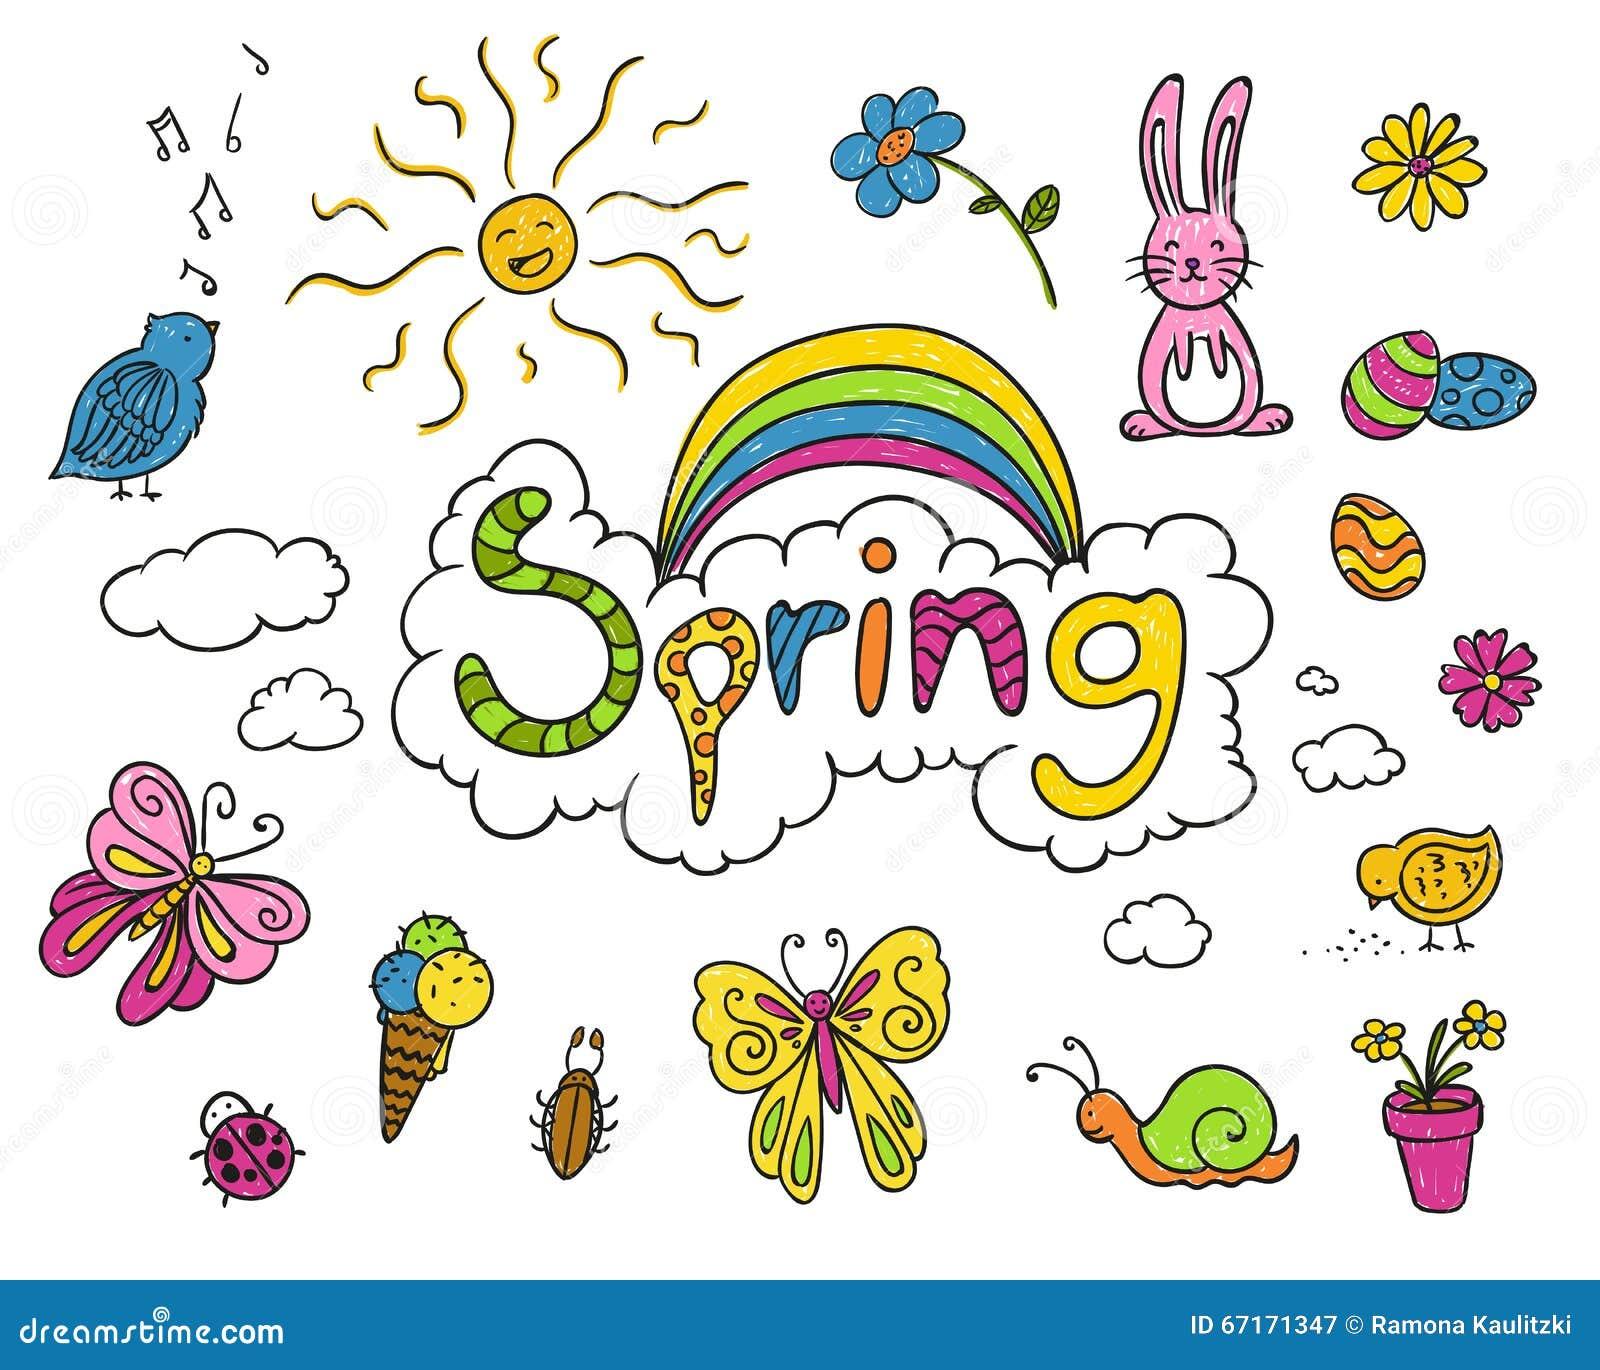 clipart printemps nature - photo #49